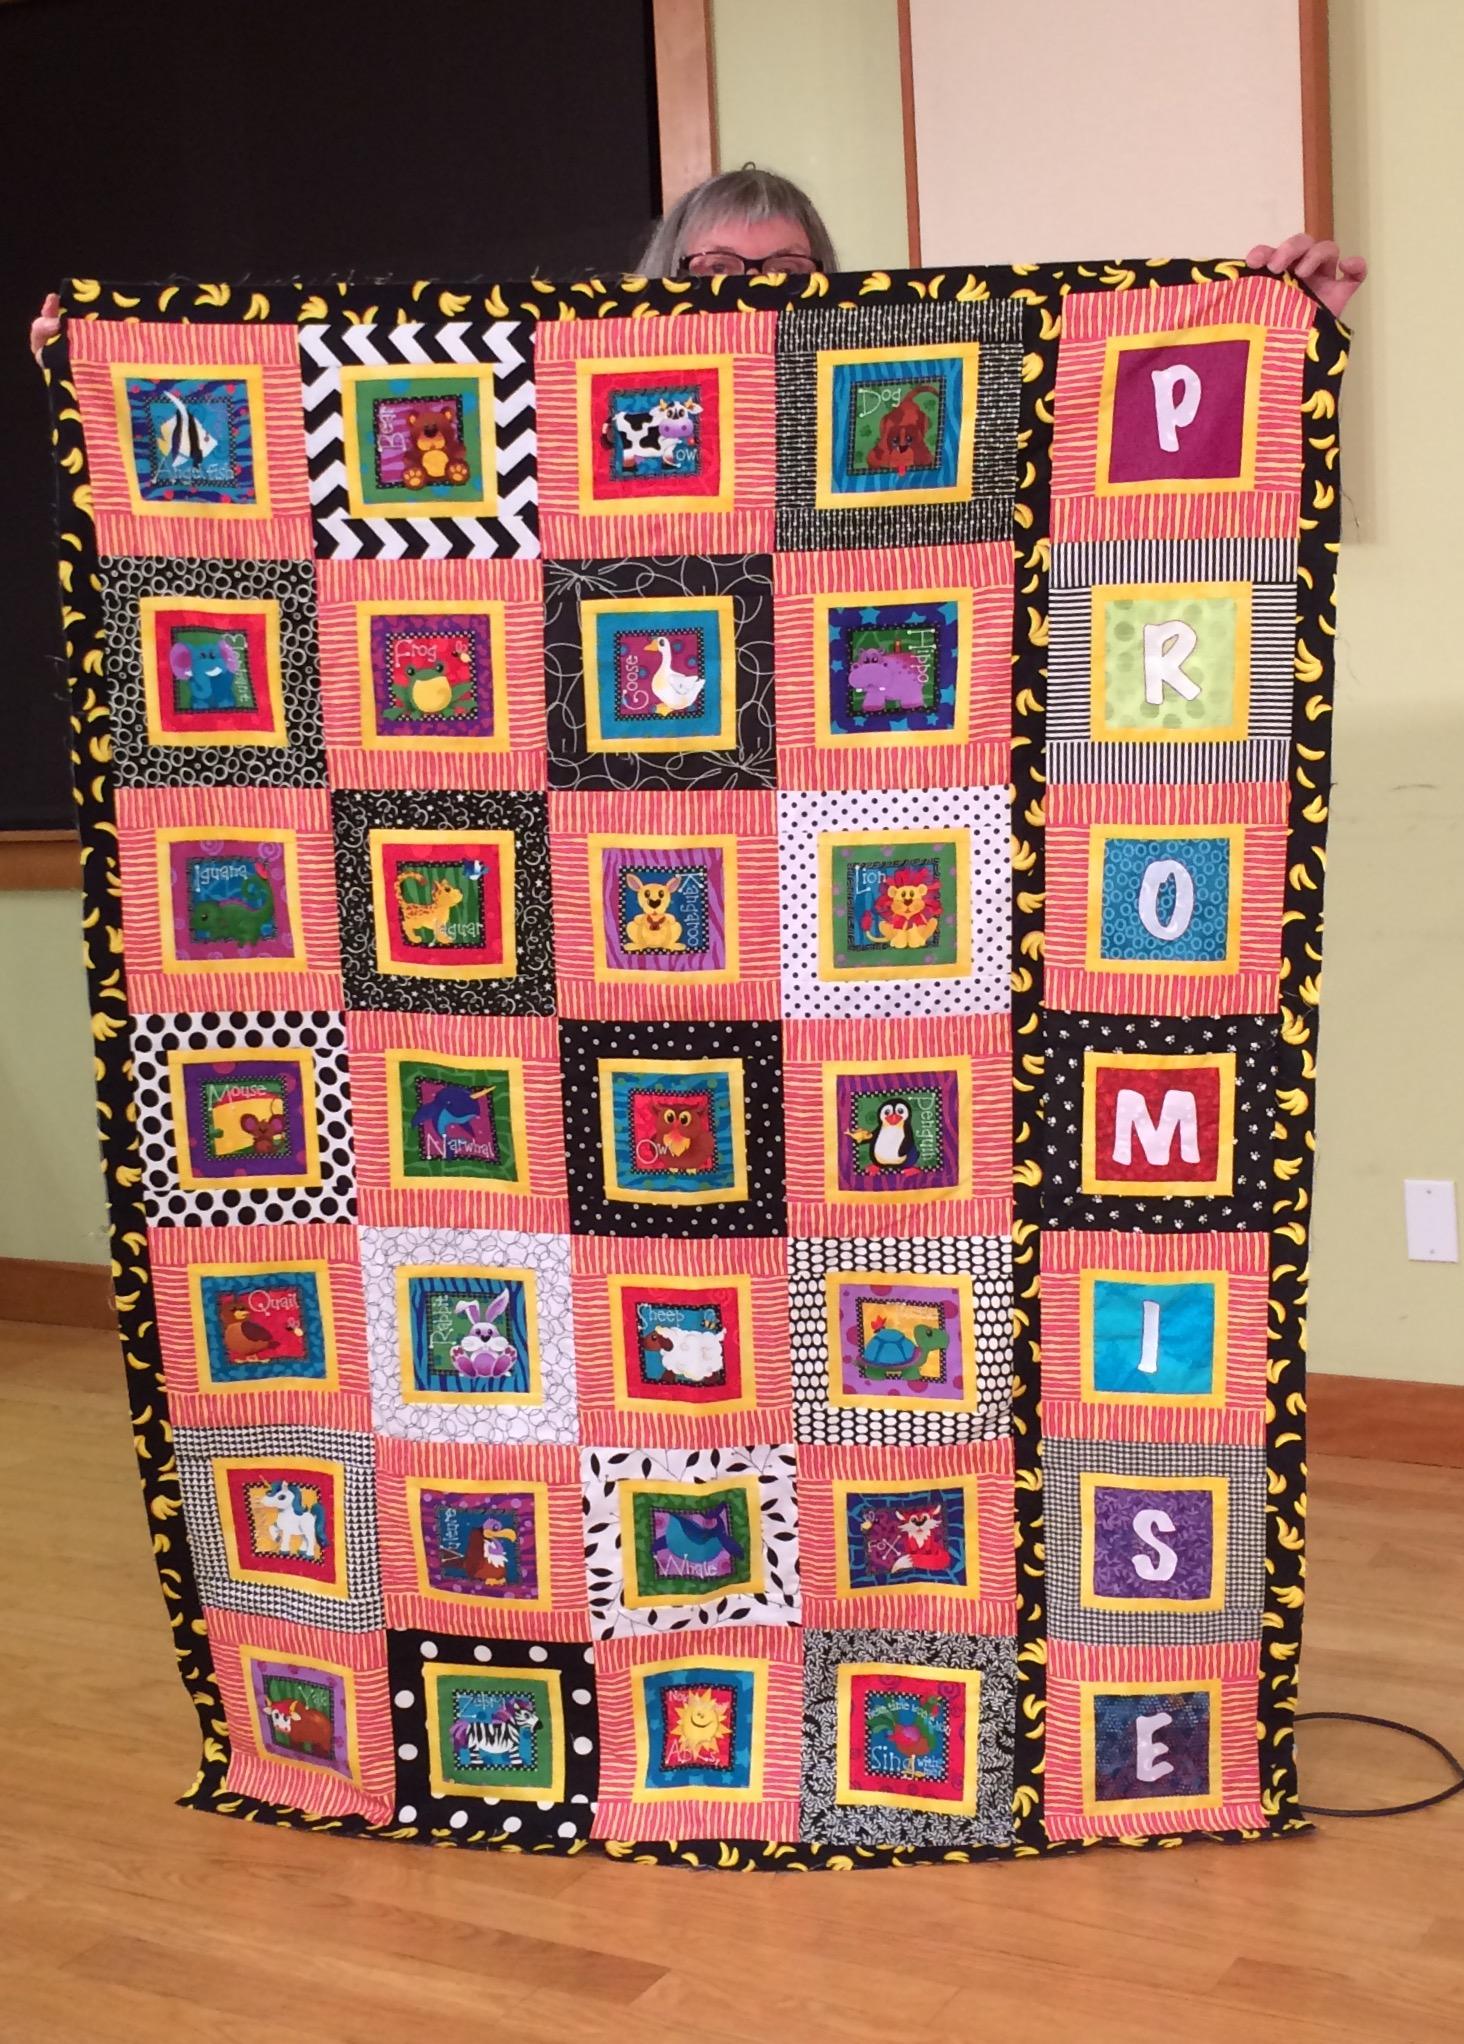 Rommie M - Fun Grandchild quilt